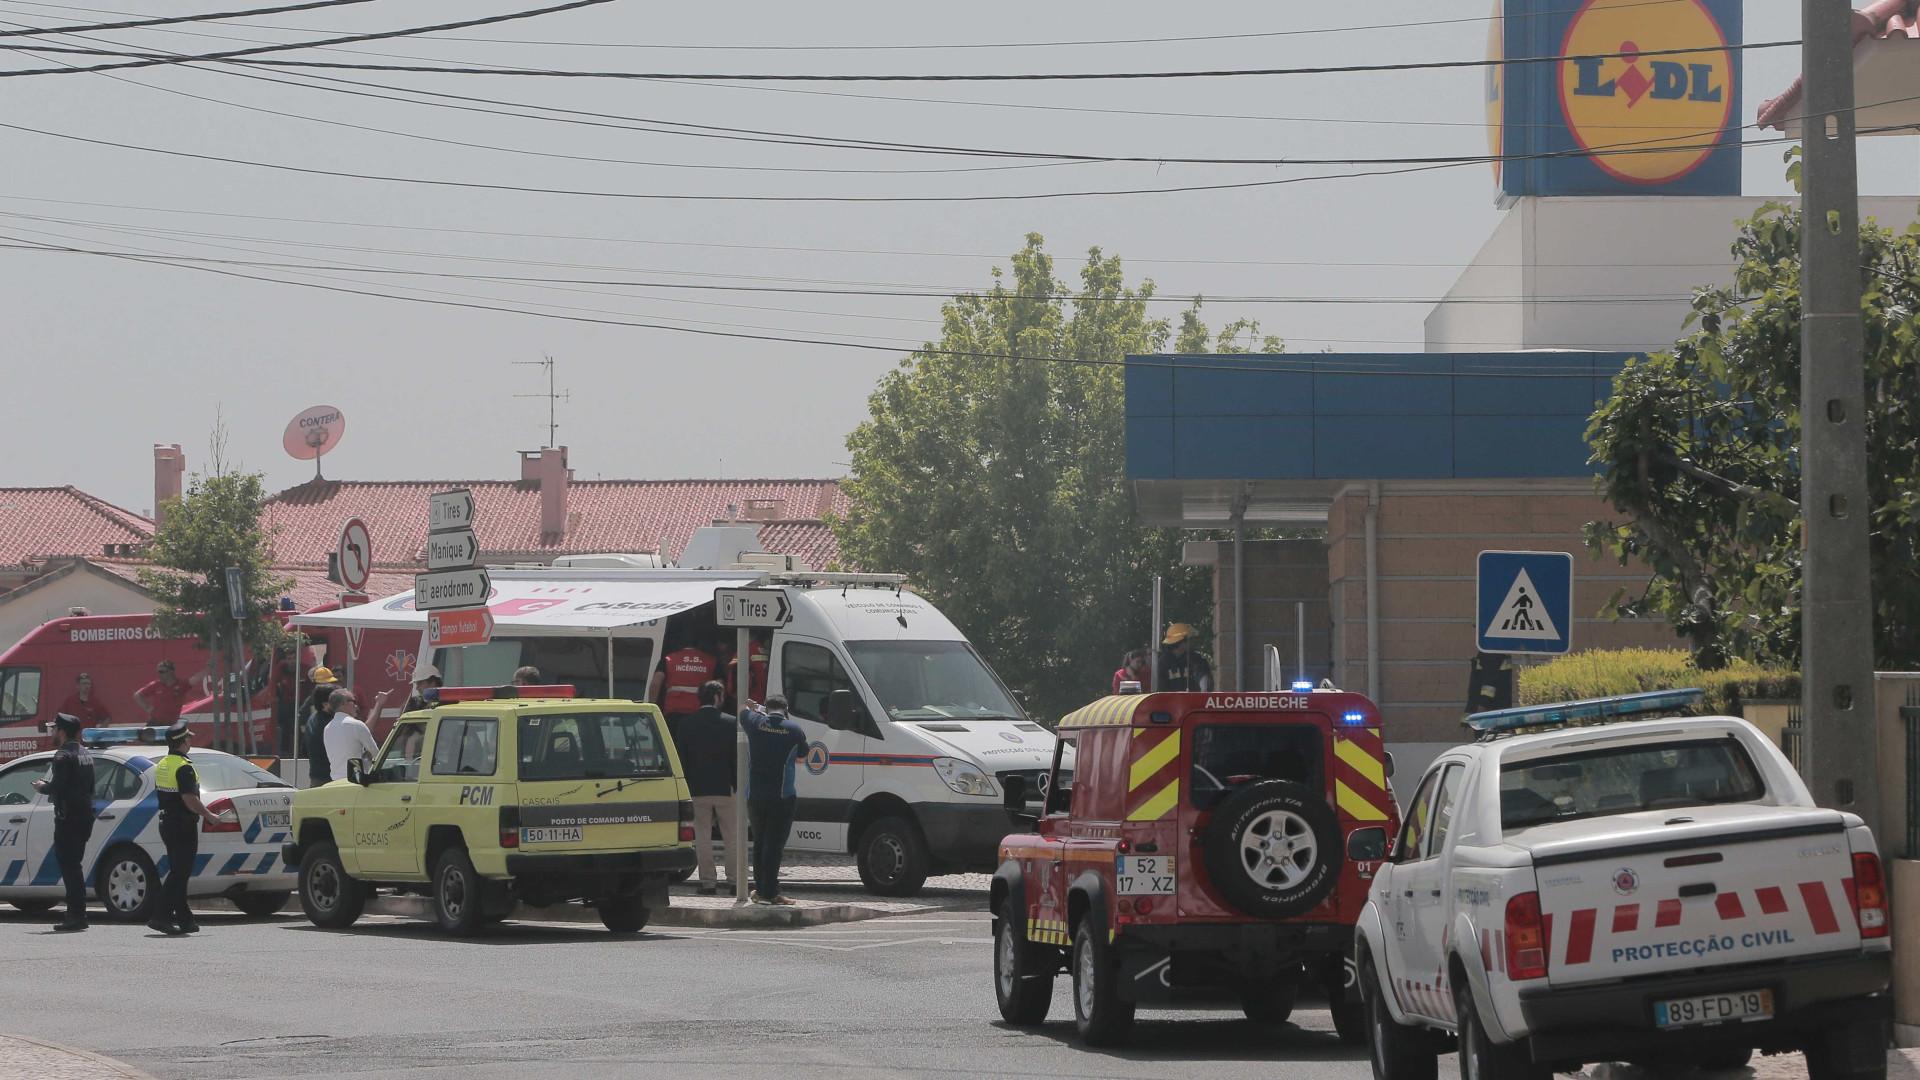 Homenagem a condutor de camião que morreu em Tires torna-se viral